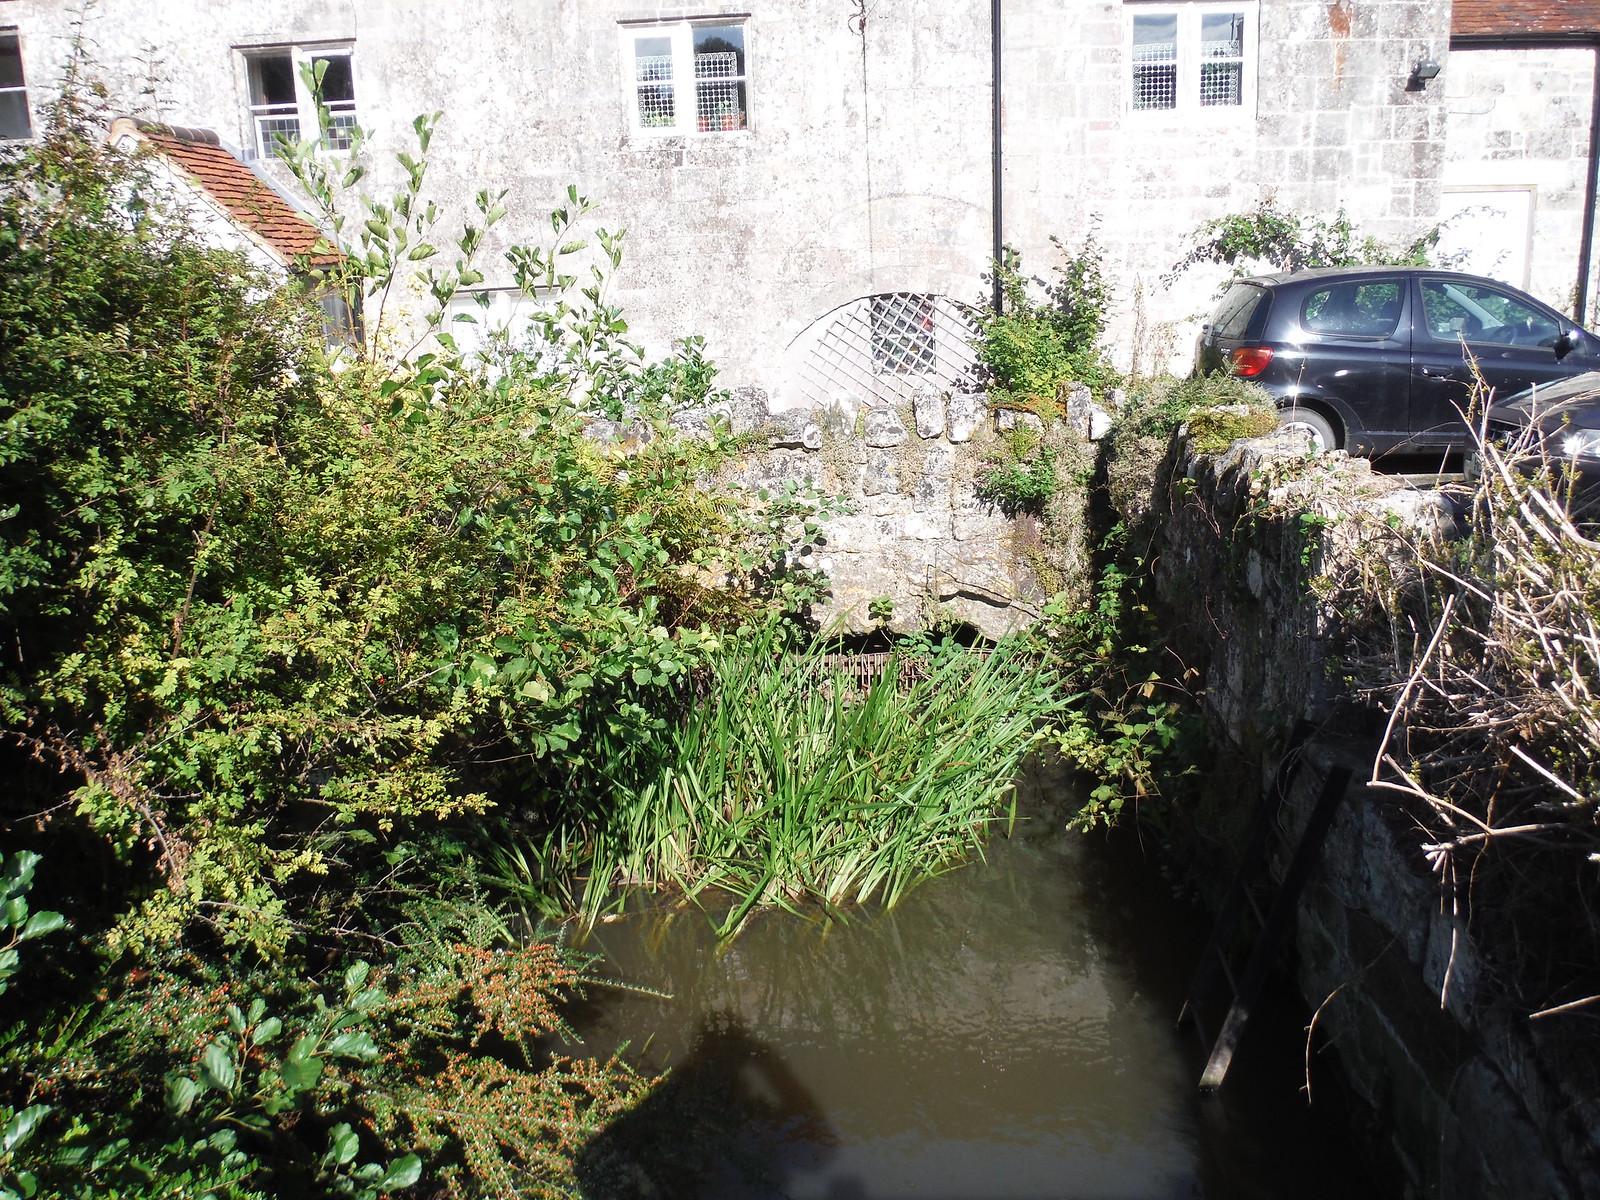 Tisbury Mill SWC Walk 248 Tisbury Circular via Hindon